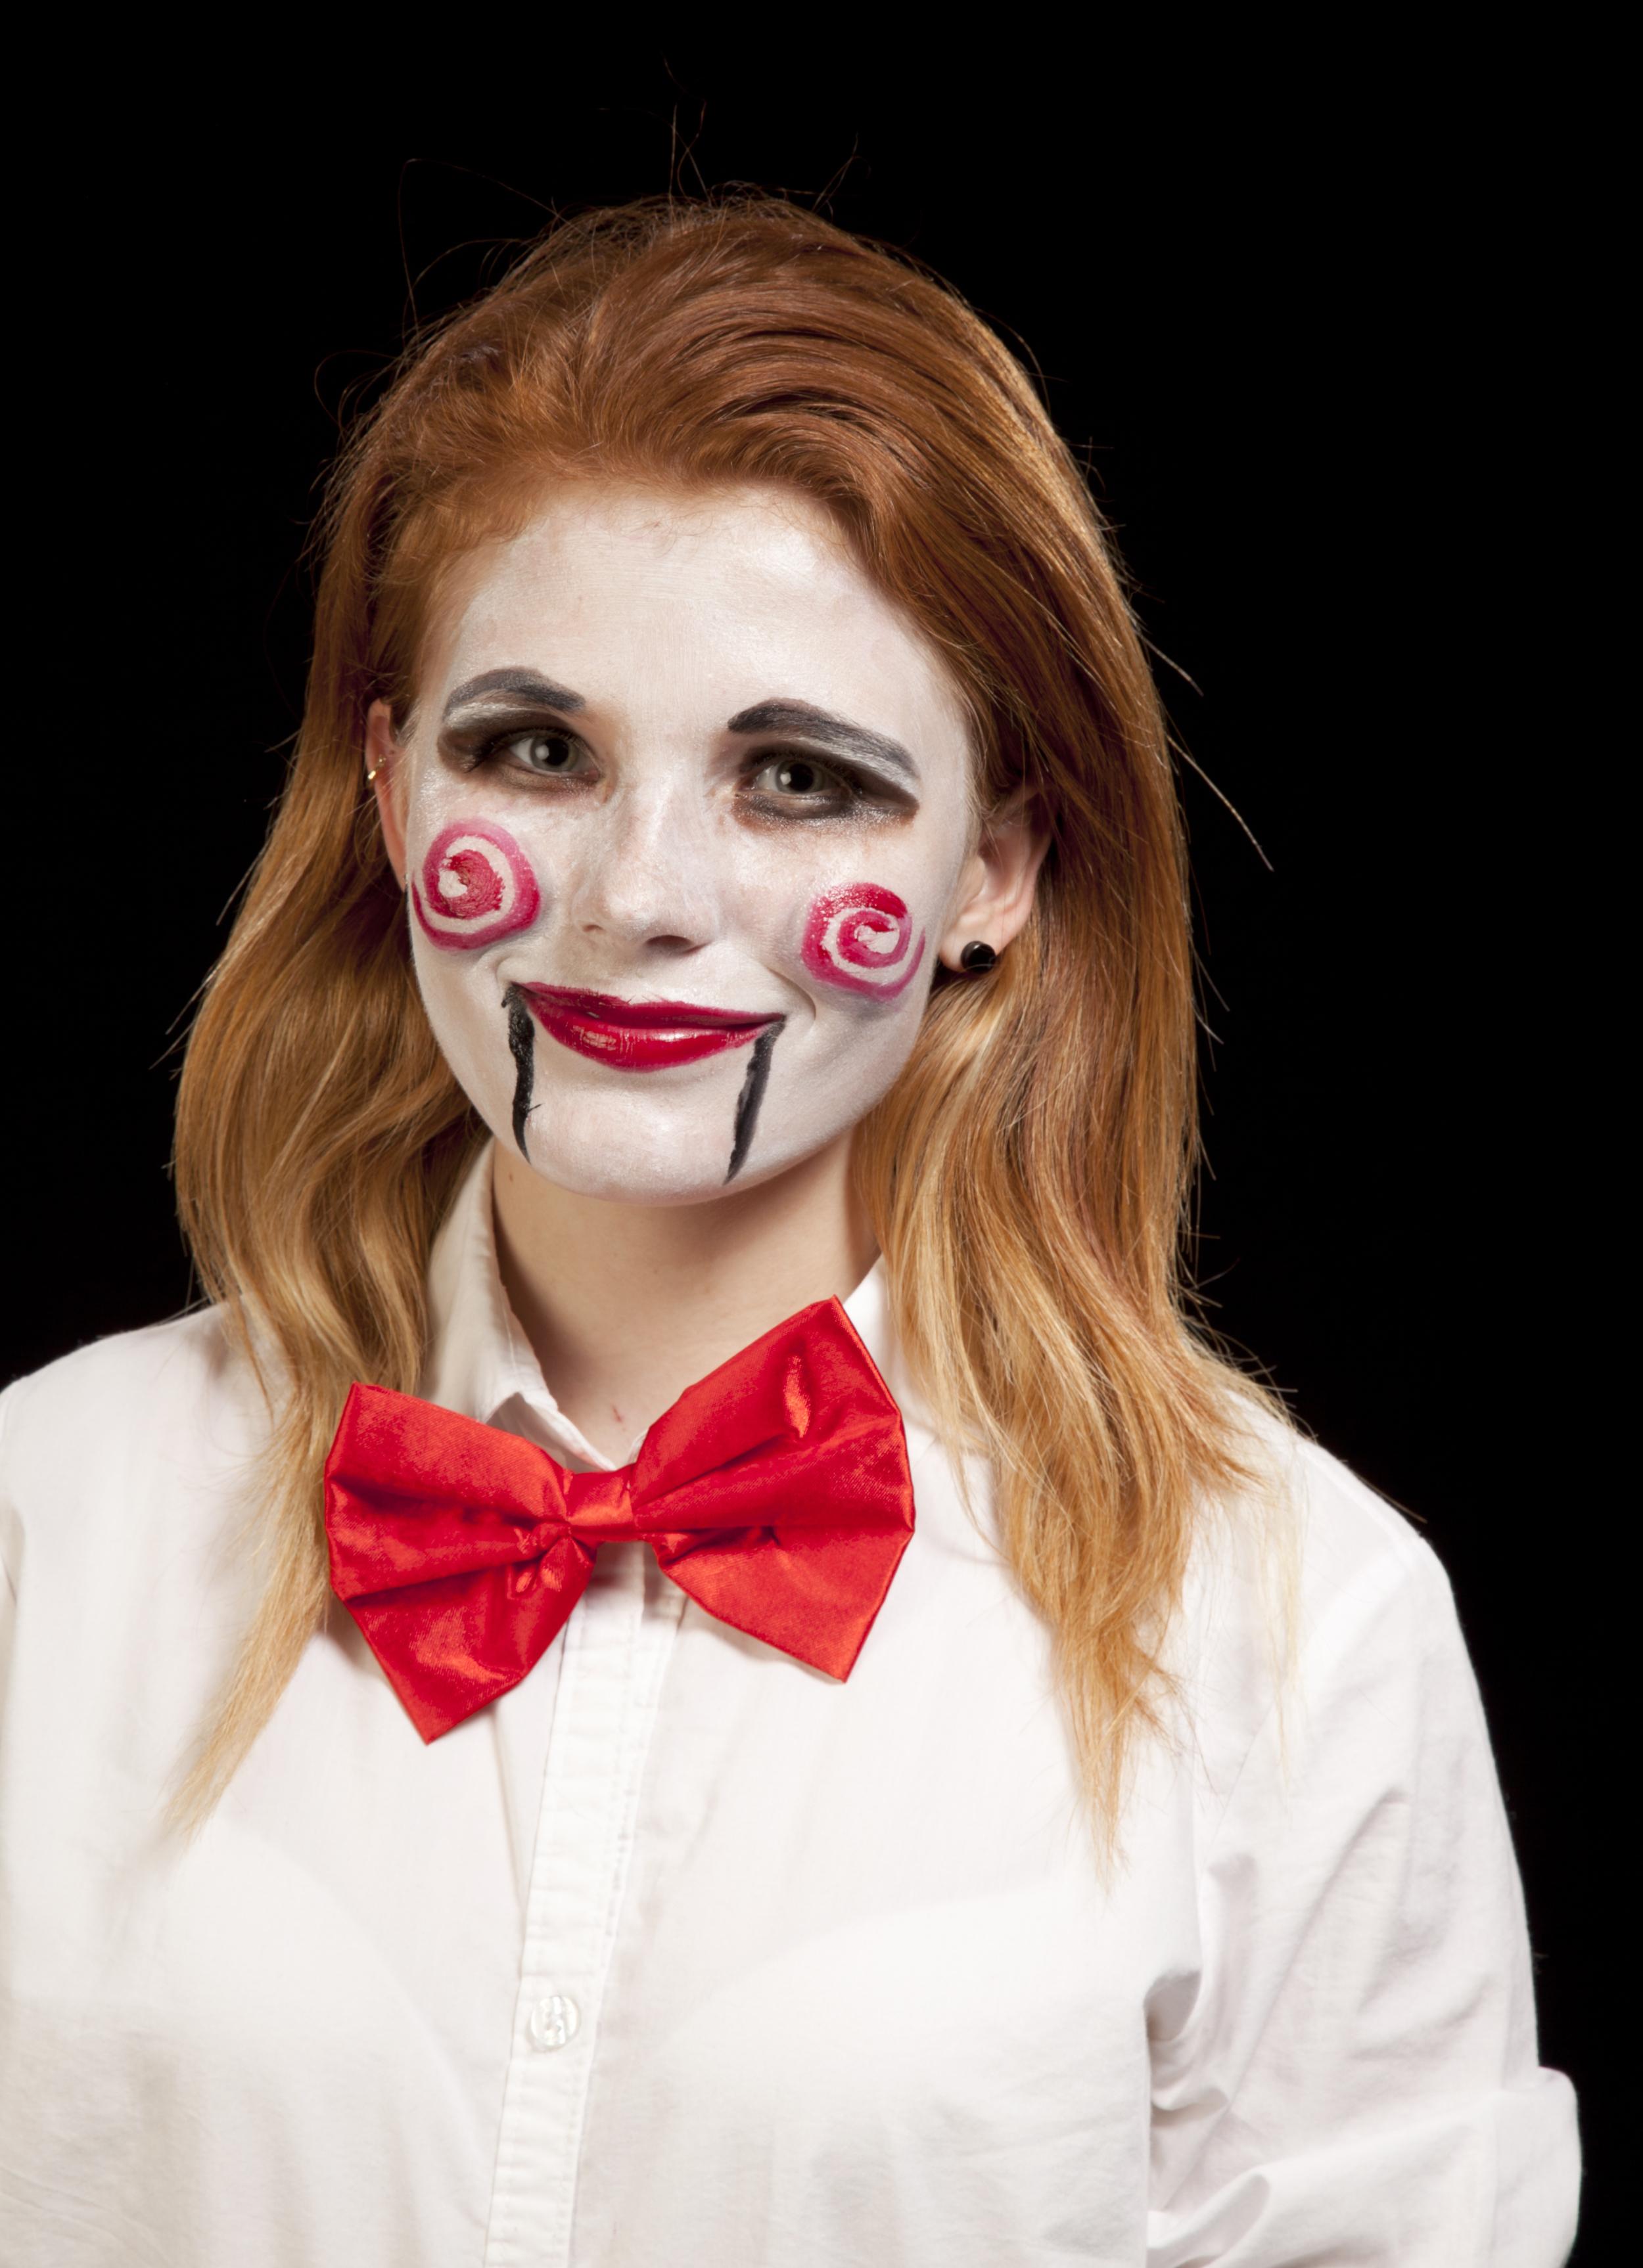 red hair, red bowtieIMG_4262.jpg